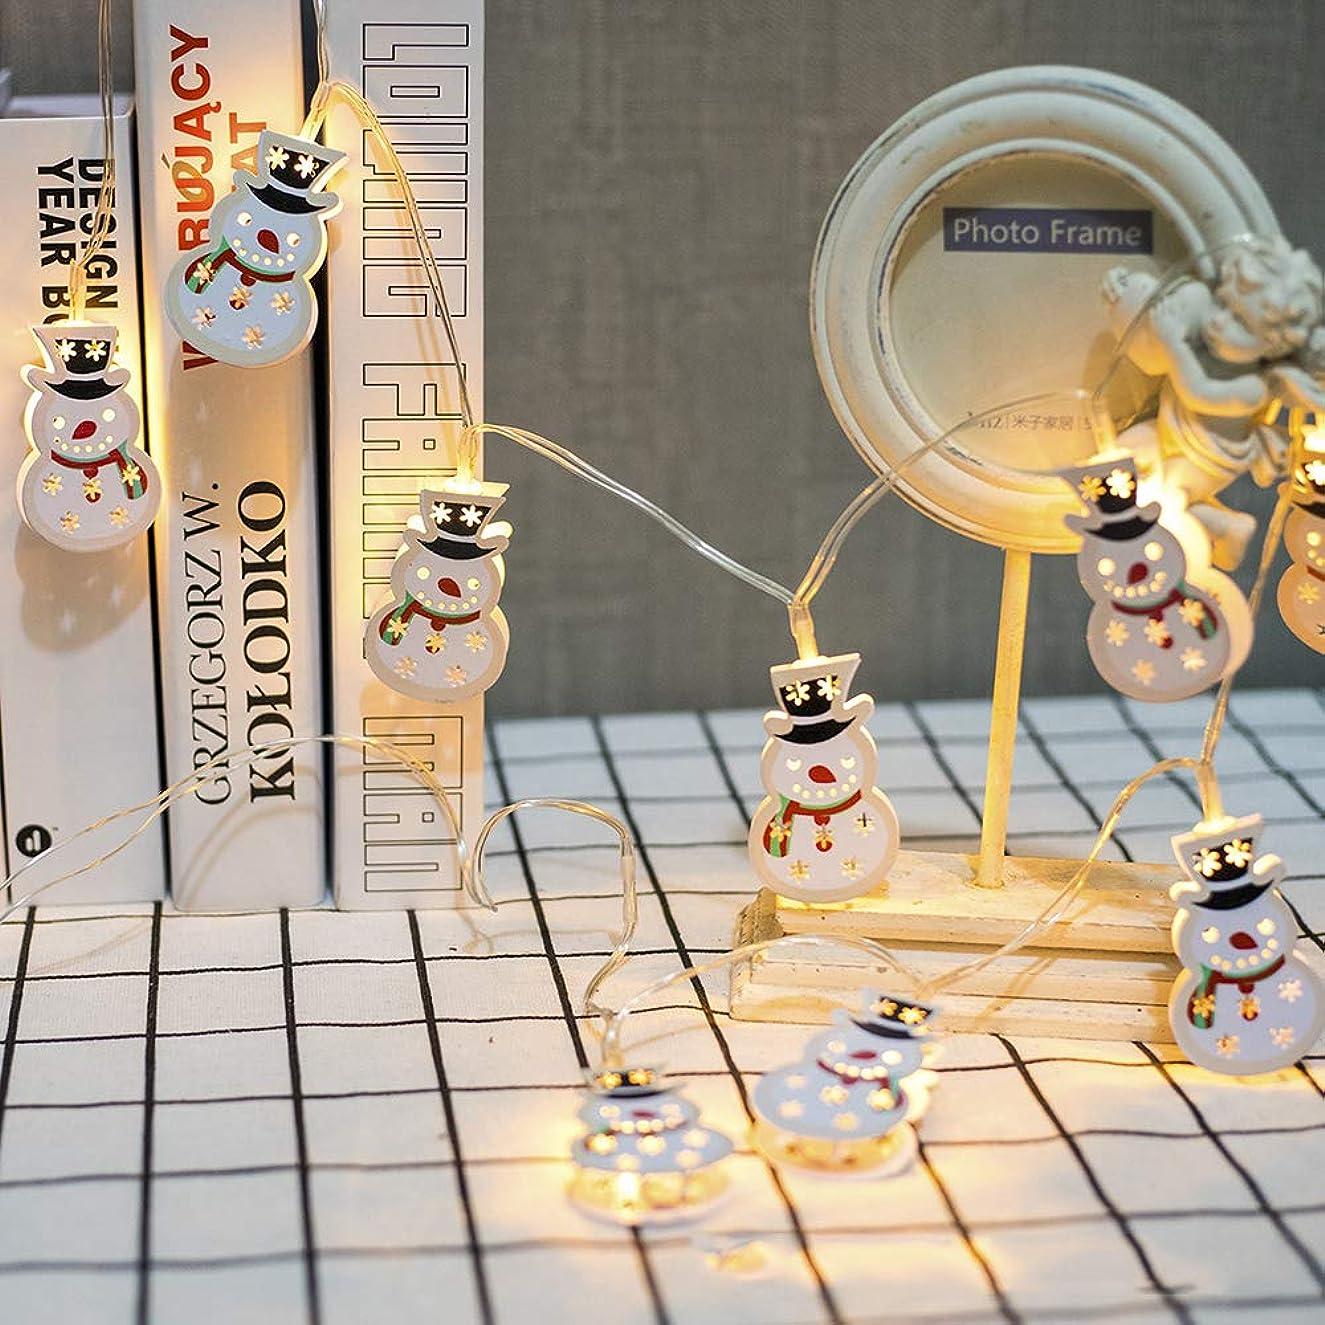 道に迷いました受益者懺悔爆発クリスマスライトストリングLEDアイアンアート塗装ベルエルクバッテリーボックスライトストリングフェスティバルパーティー装飾ライト屋外クリスマスランタンギフト (3M, 雪だるま-2)